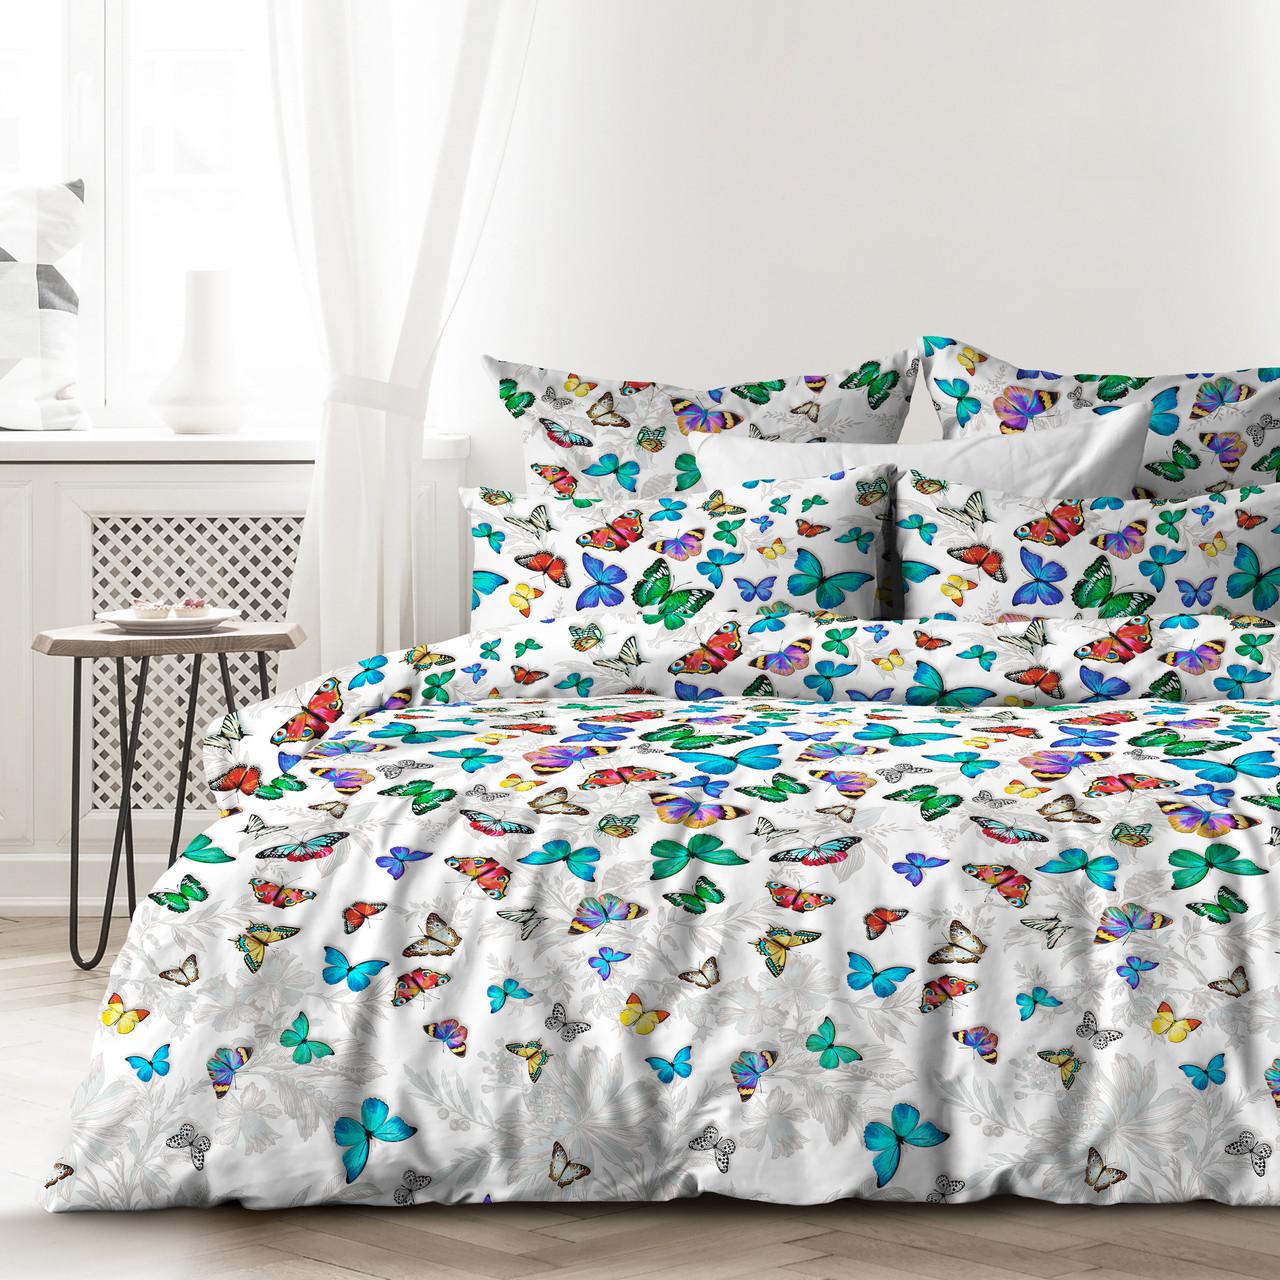 Любимый дом Комплект постельного белья Бабочки, 2 спальный евро